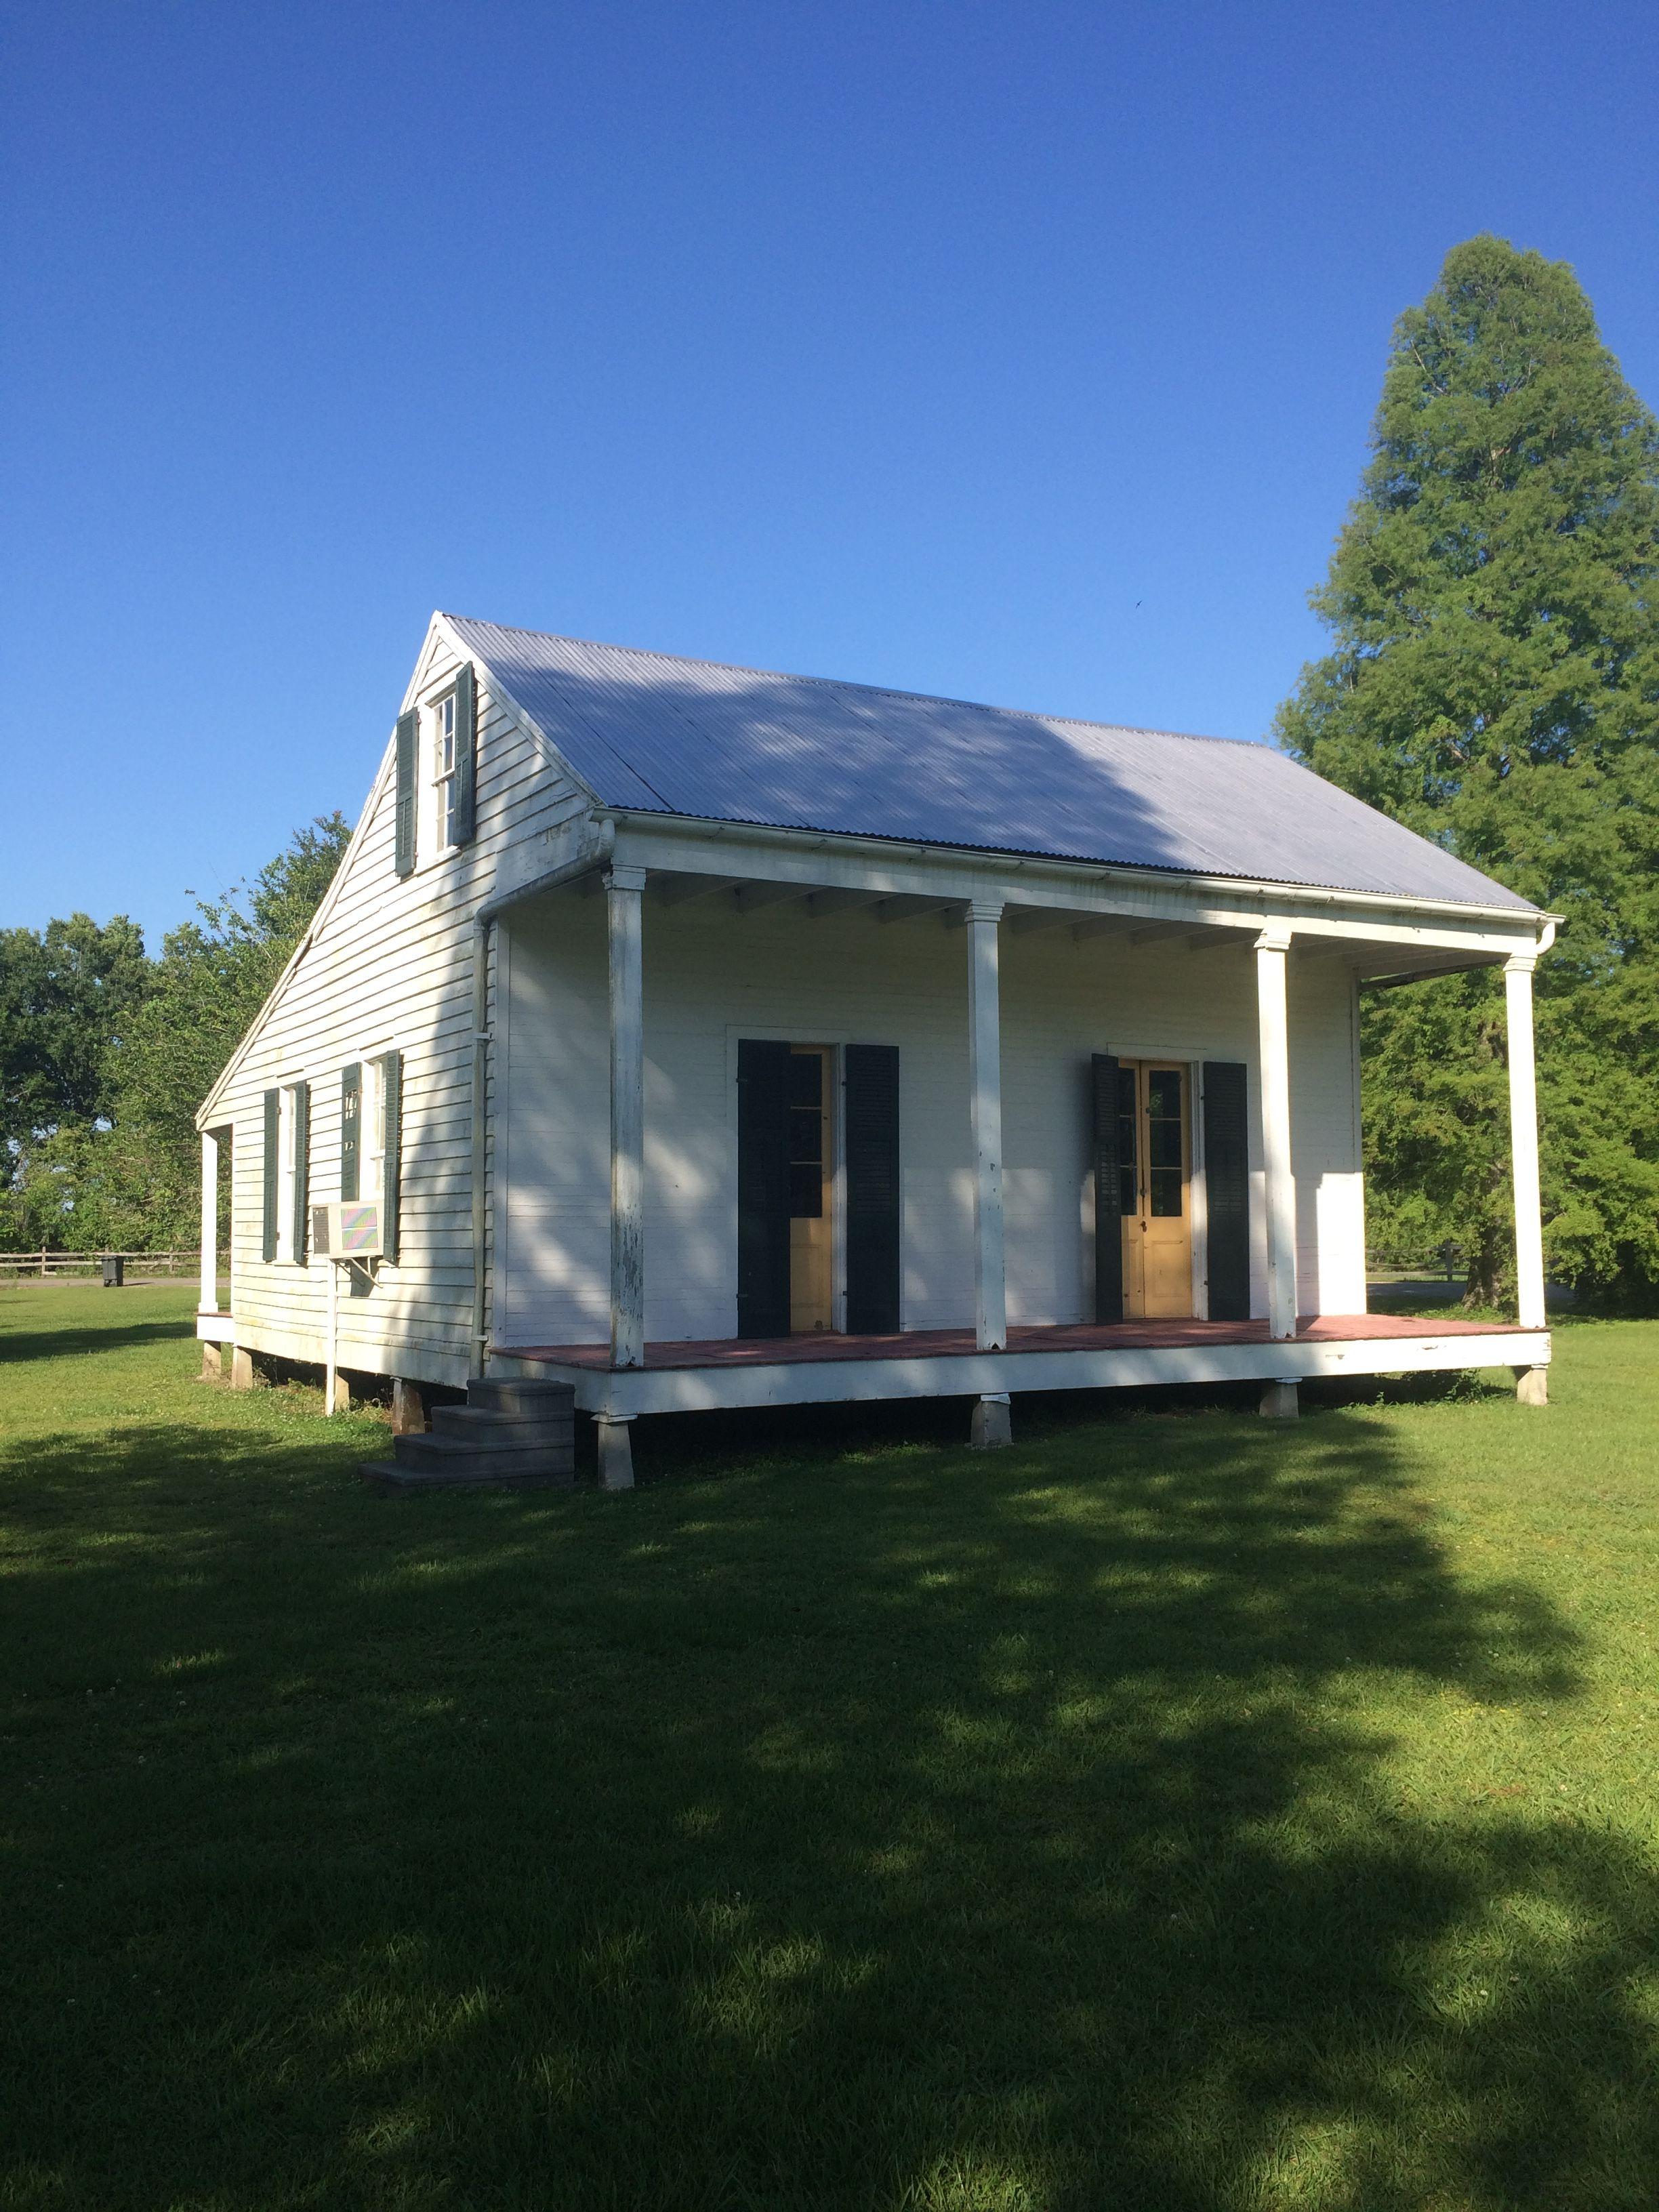 Pin On Louisiana Architecture